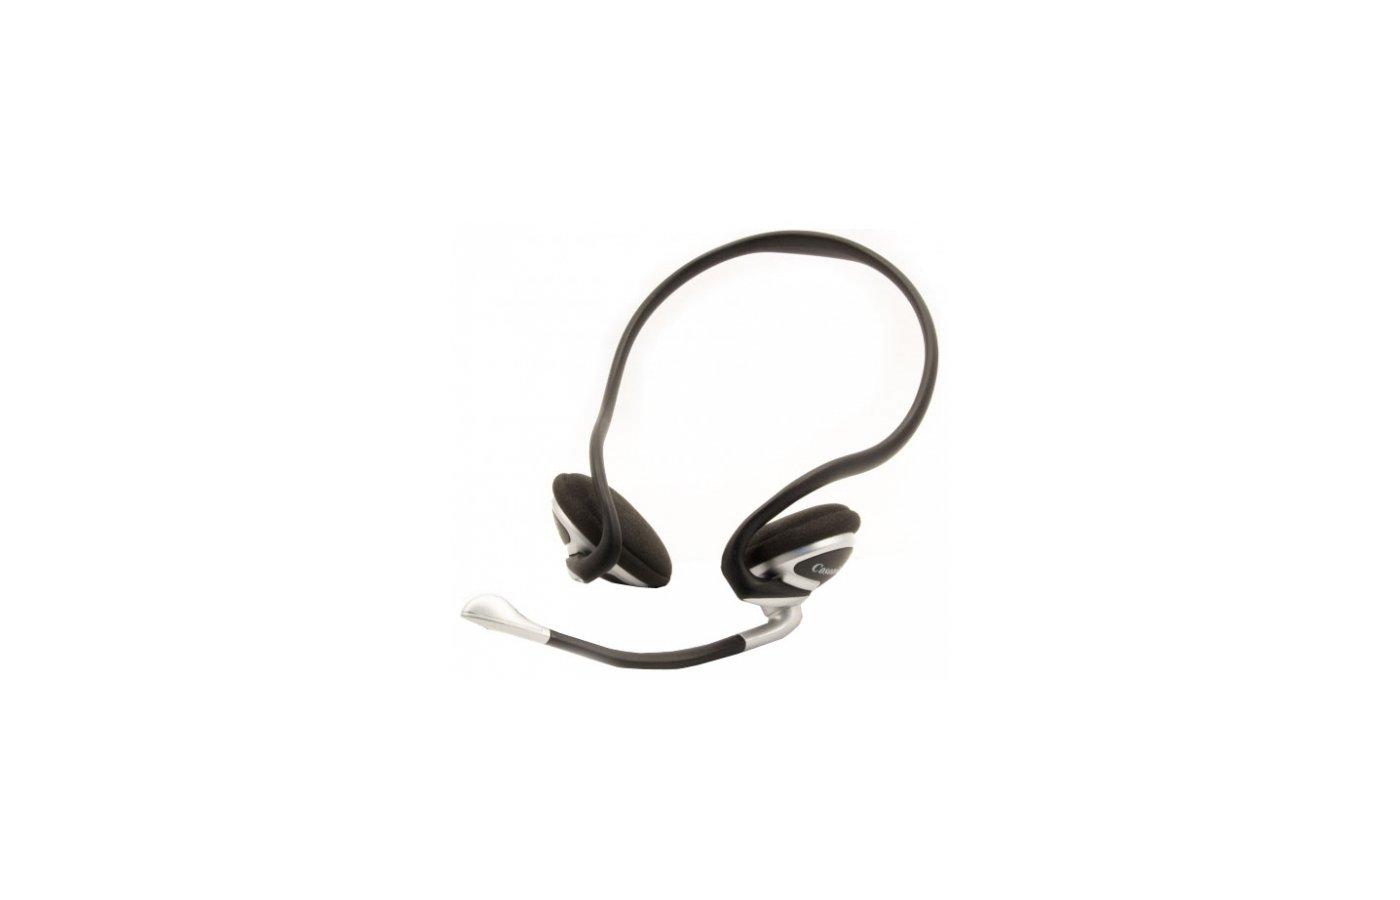 Наушники с микрофоном проводные COSONIC CD970MV